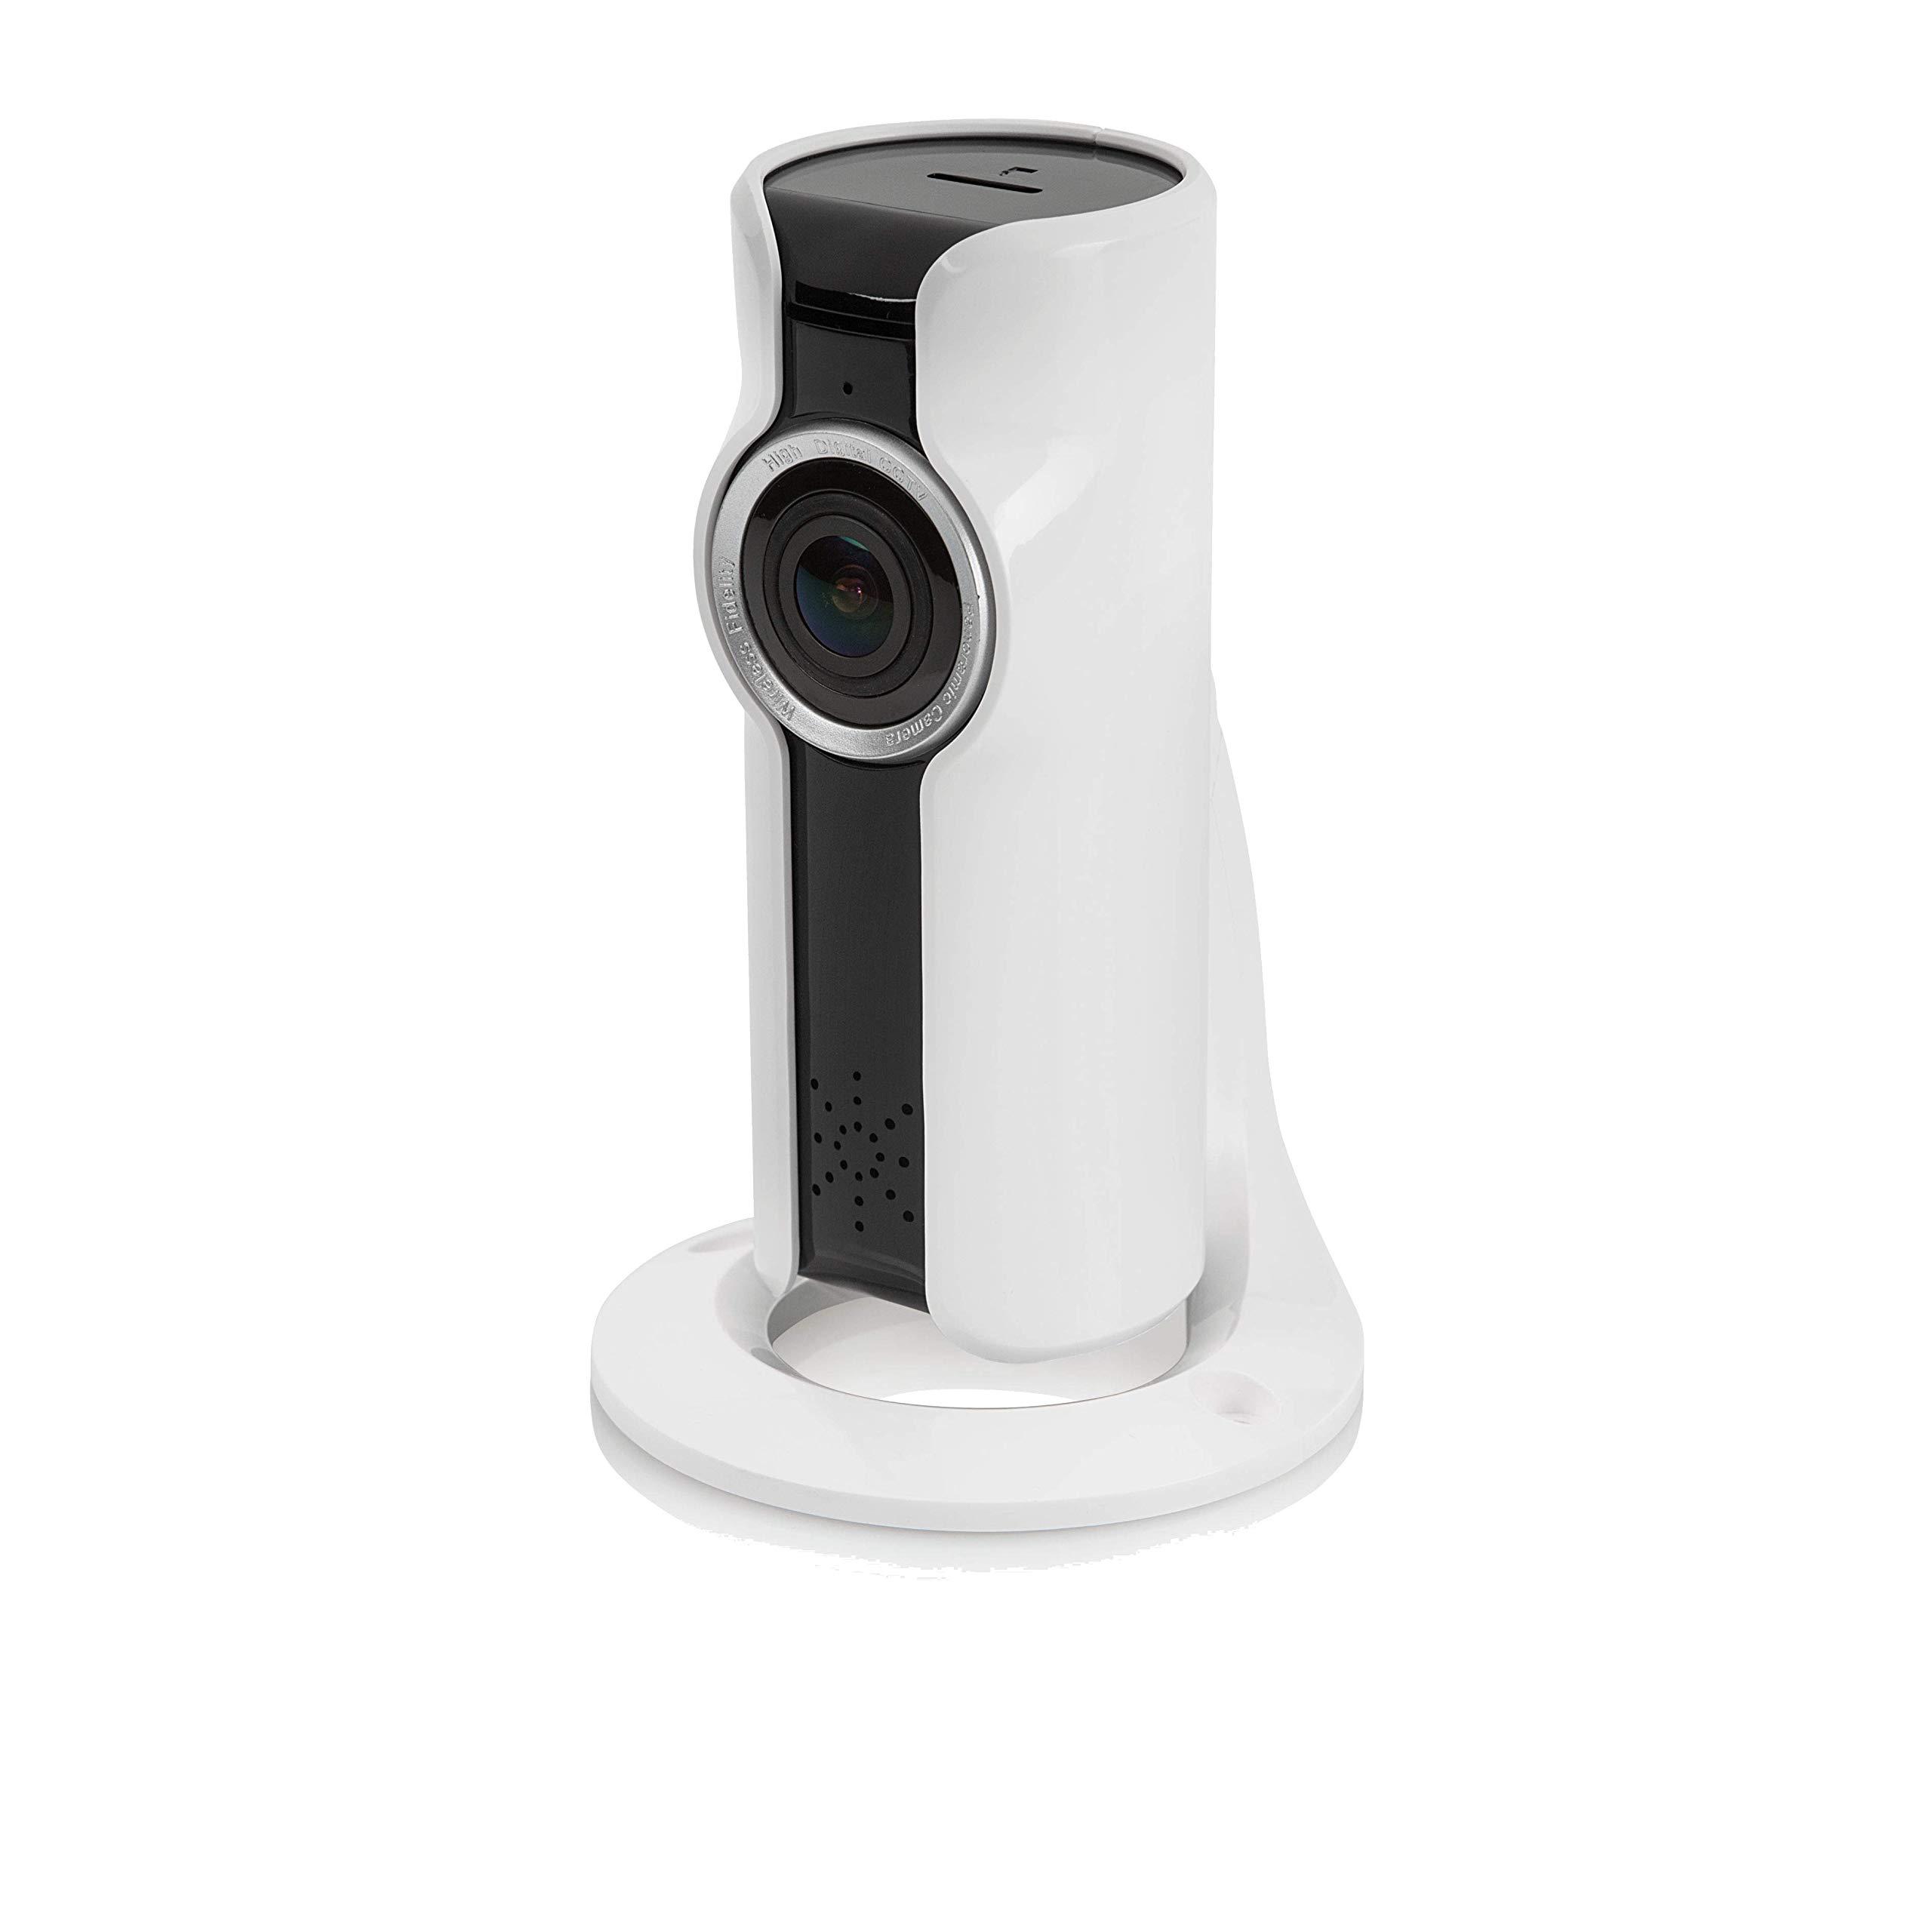 SEC24 CAM180 – sans Fil Caméra de sécurité Intérieure Objectif panoramique (180 degrés) – Écoutez, voyez Parlez – Vision Nocturne (10m) – Stockage d'images jusqu'à 128 Go – Compatible iOS Android